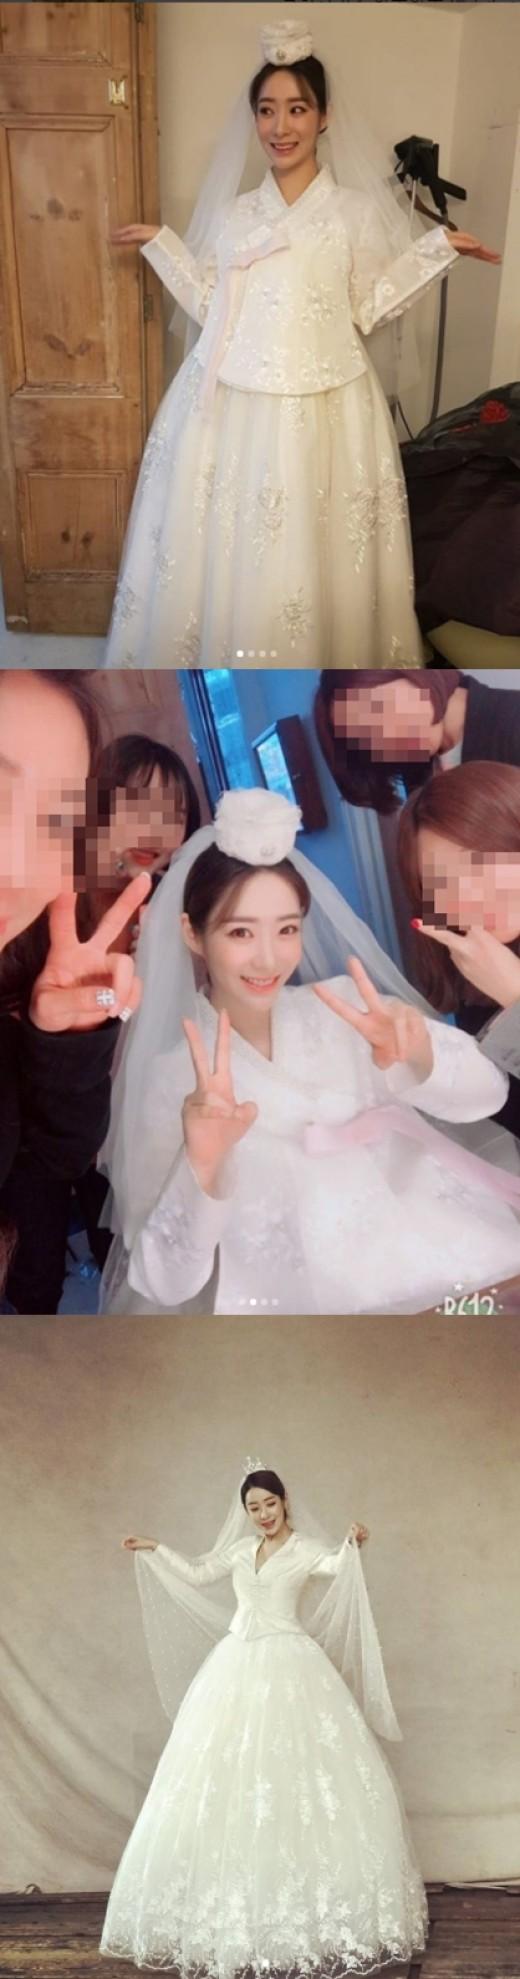 """""""역시 짱입니다""""…'4월의 신부' 안소미, 웨딩화보 현장 공개"""